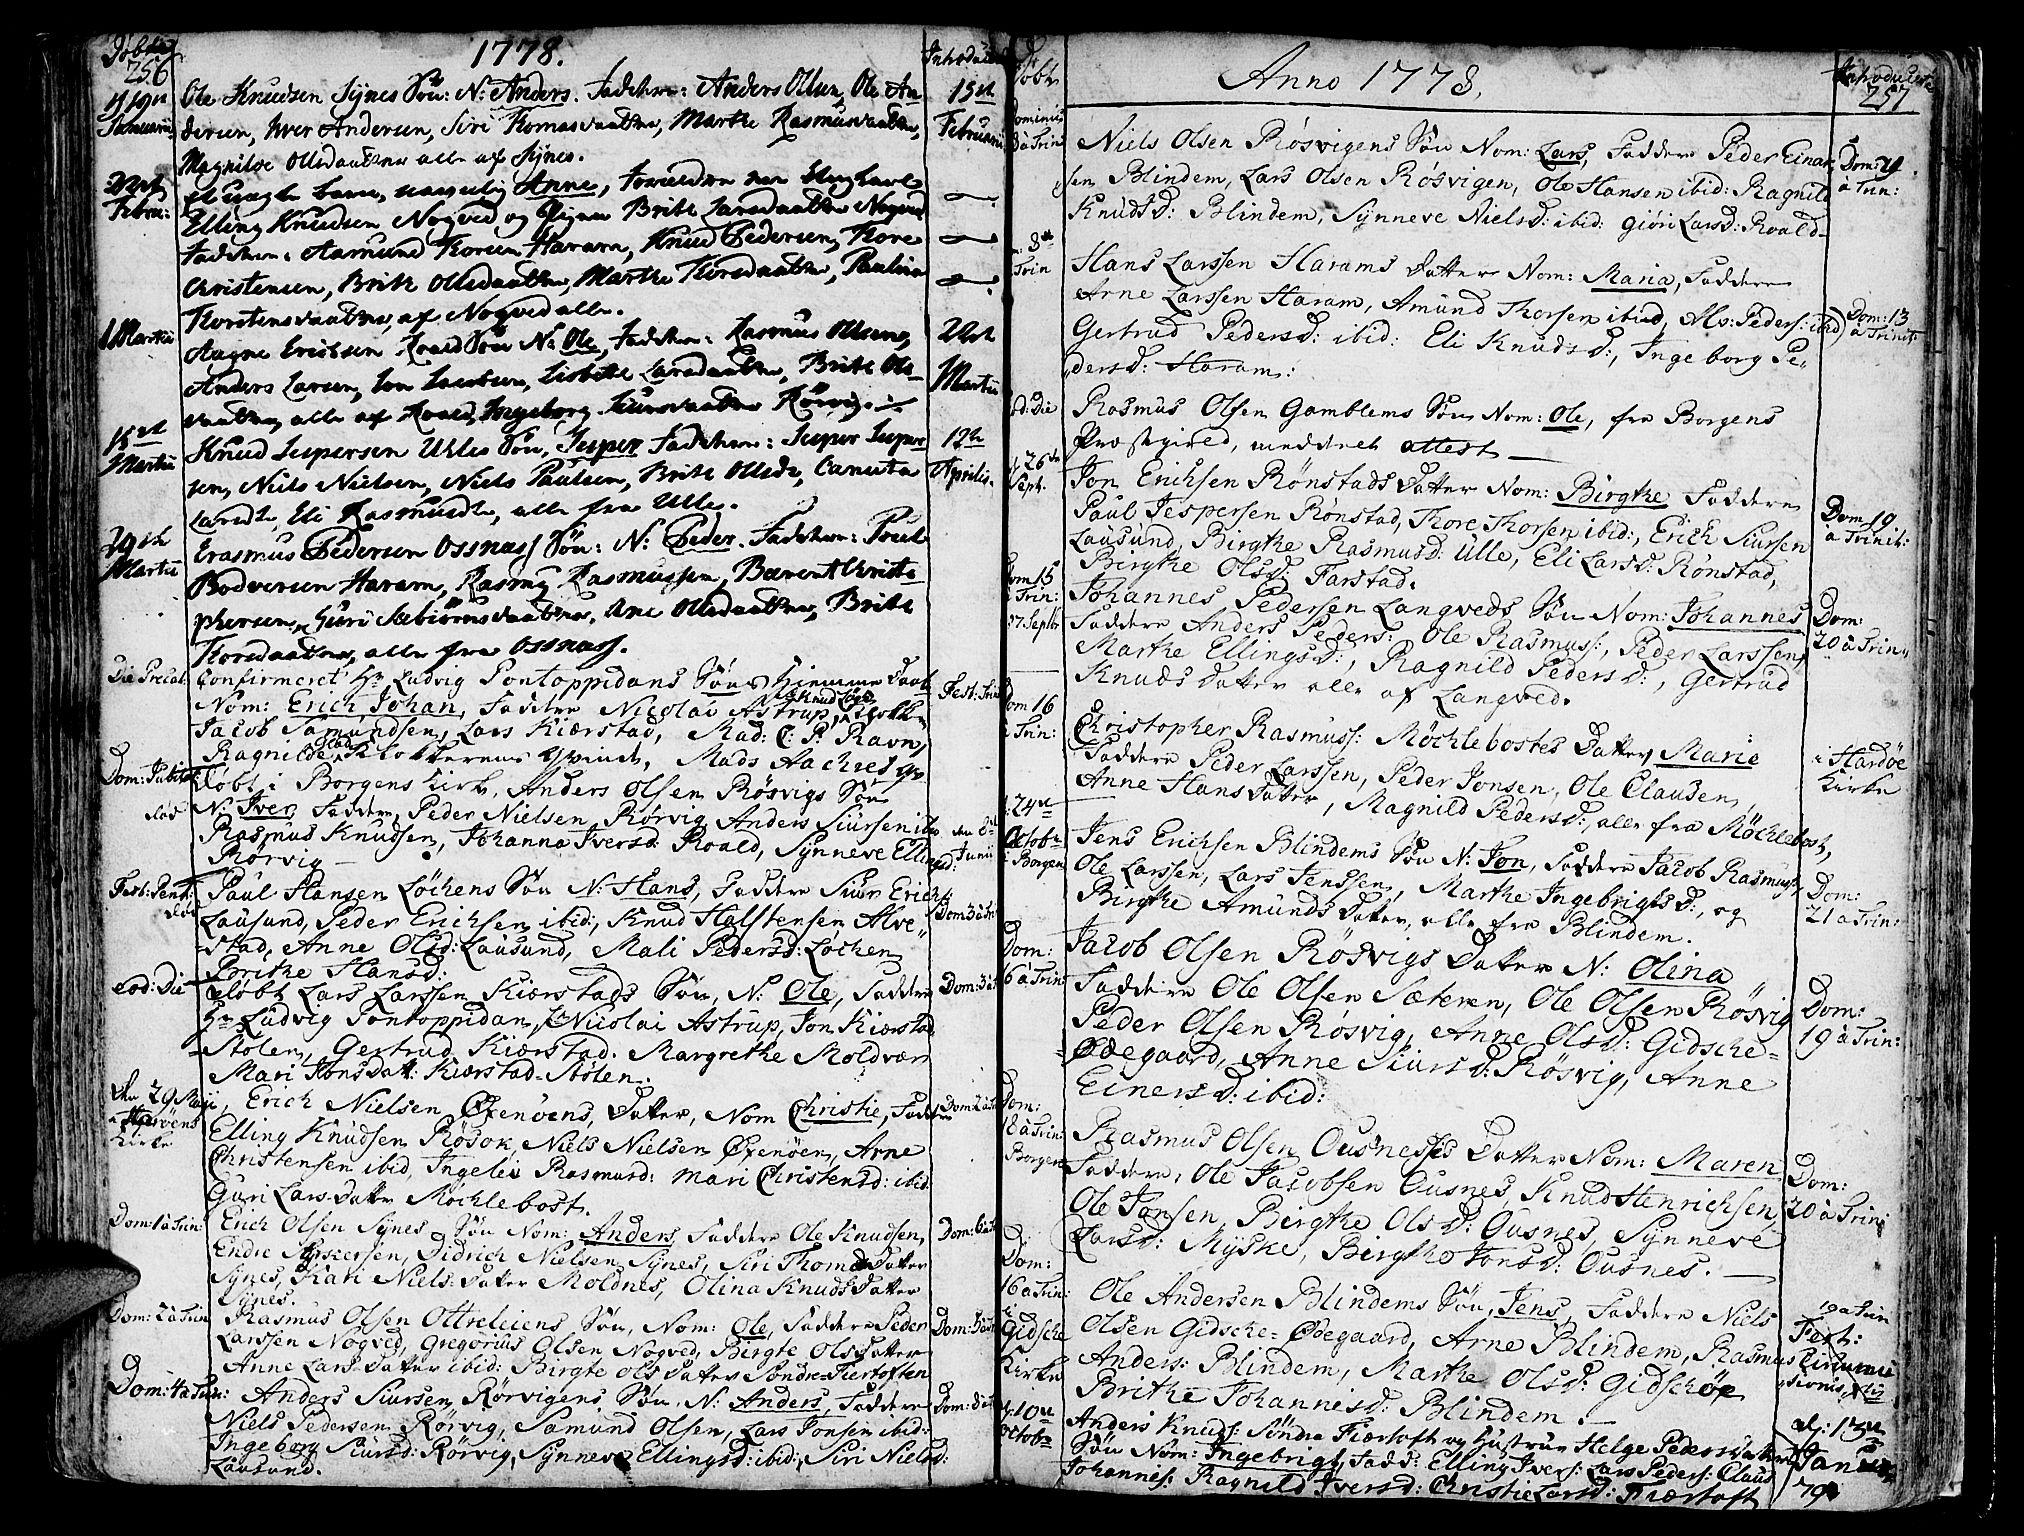 SAT, Ministerialprotokoller, klokkerbøker og fødselsregistre - Møre og Romsdal, 536/L0493: Ministerialbok nr. 536A02, 1739-1802, s. 256-257